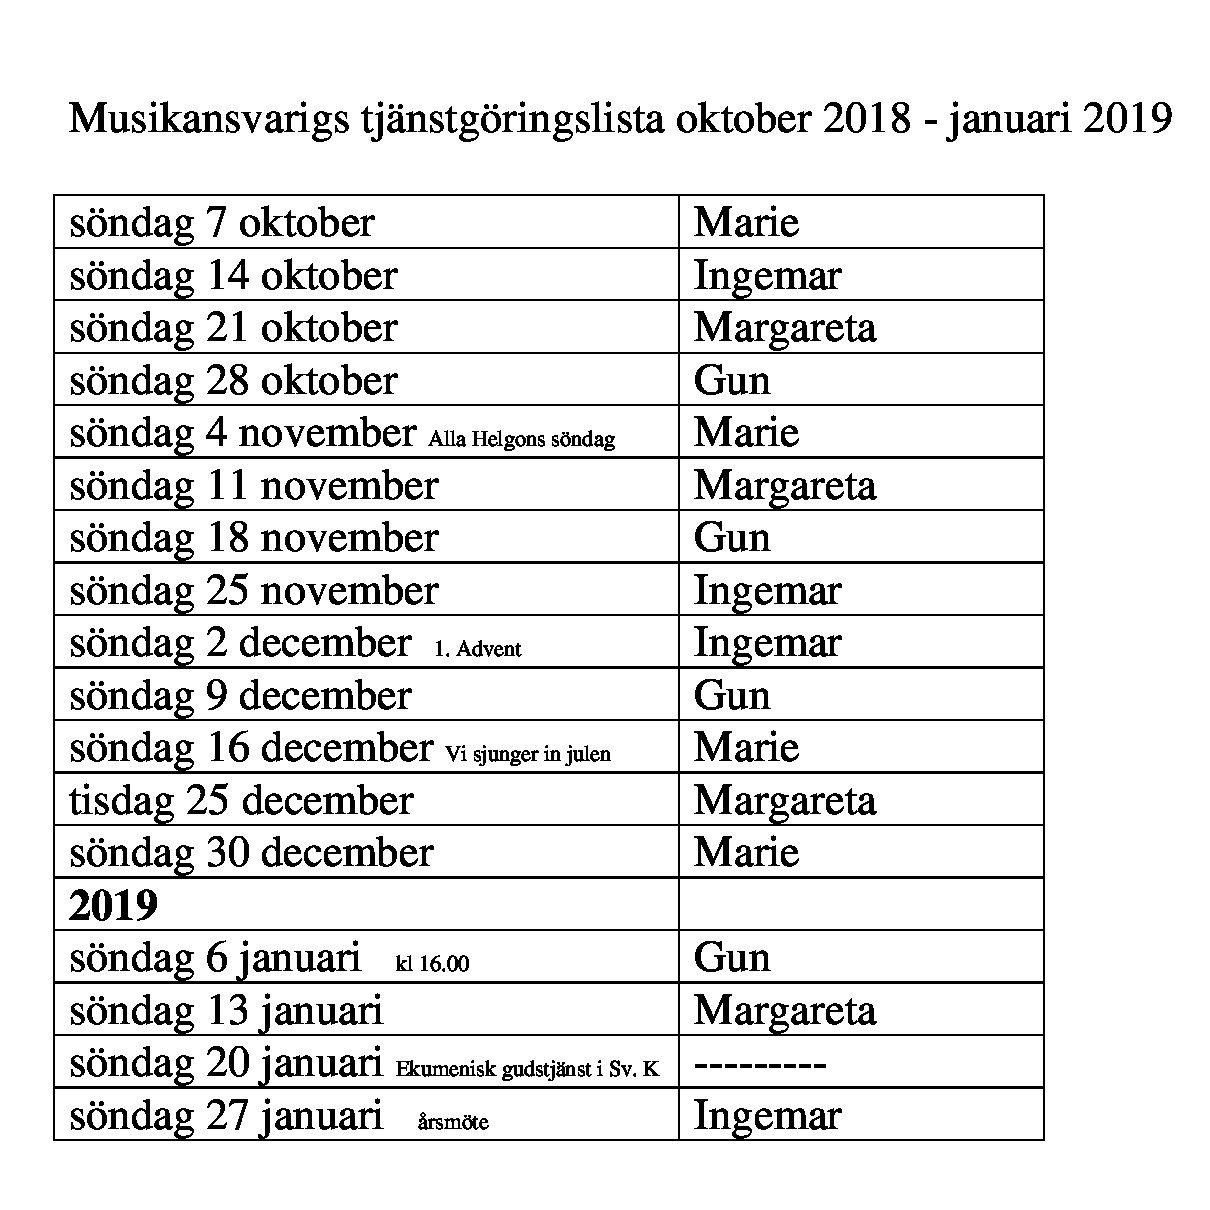 Musikansvarigs-tjänstgöringslista-okt-2018-jan-2019-kopia